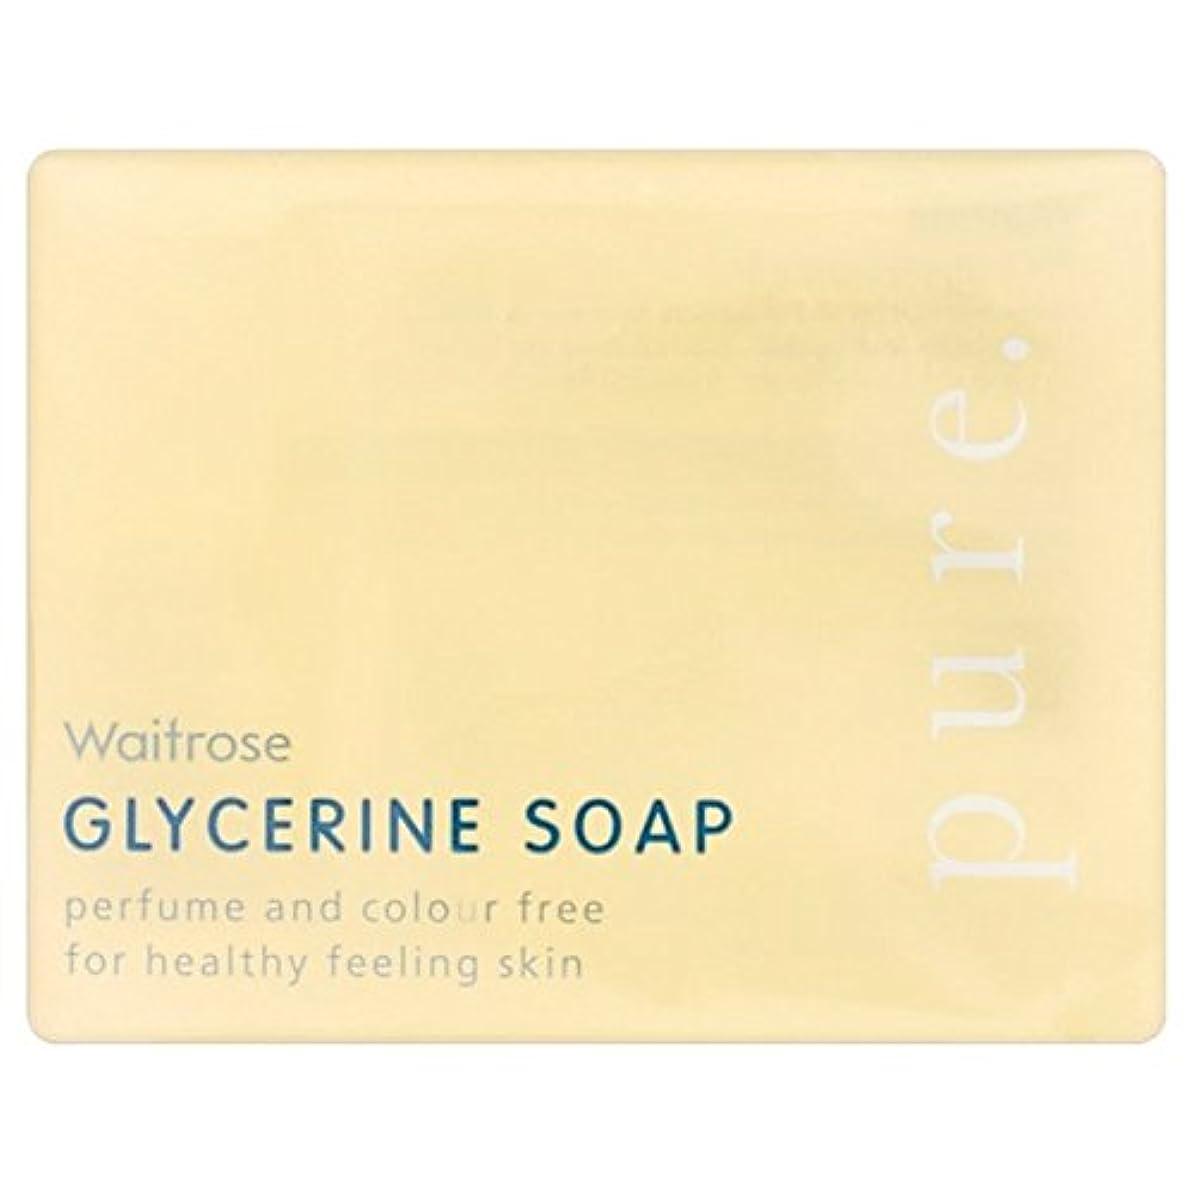 コンパニオン飽和する恩赦Pure Glycerine Soap Waitrose 100g - 純粋なグリセリンソープウェイトローズの100グラム [並行輸入品]